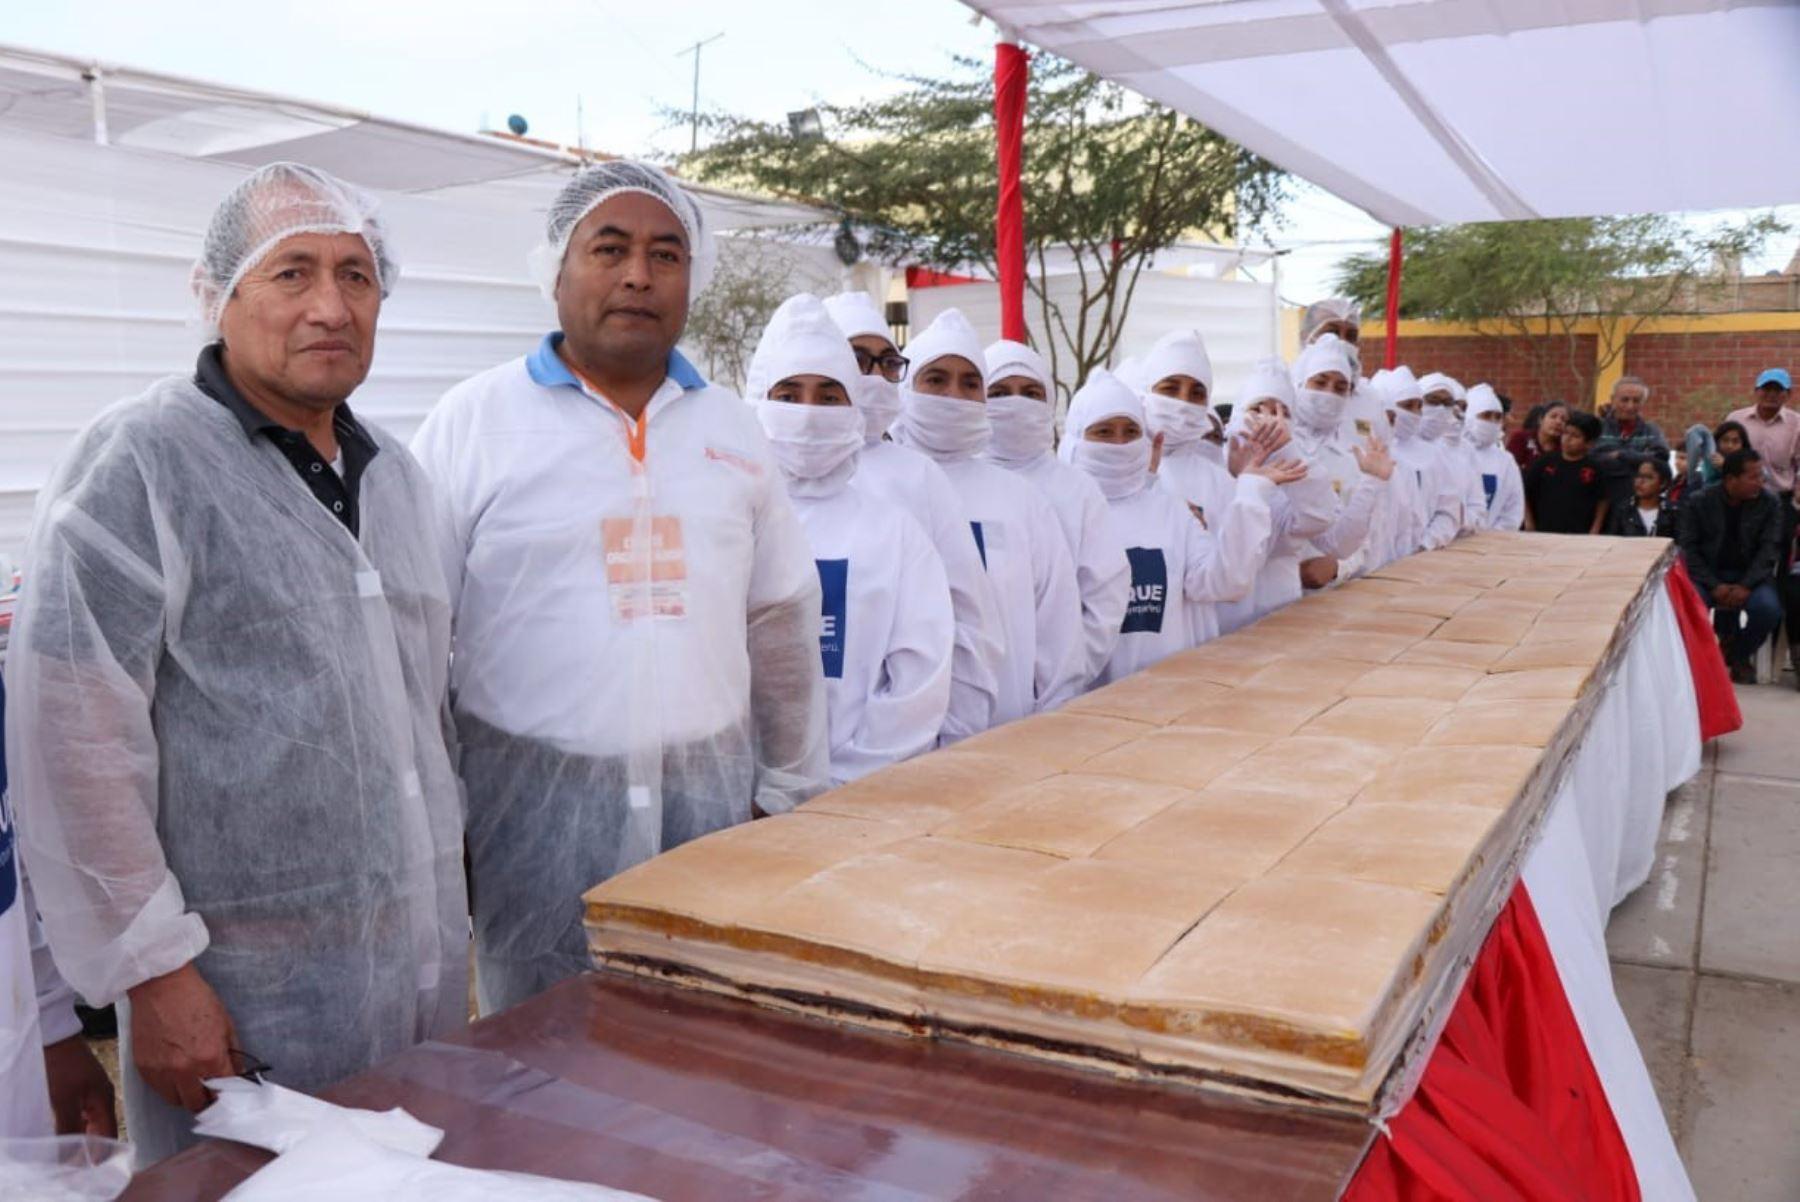 Para preparar king kong gigante en Lambayeque se utilizaron 90 kilos de dulce maní, 90 kilos de dulce de piña y 90 kilos de manjar blanco, además de 70 kilos de galleta.